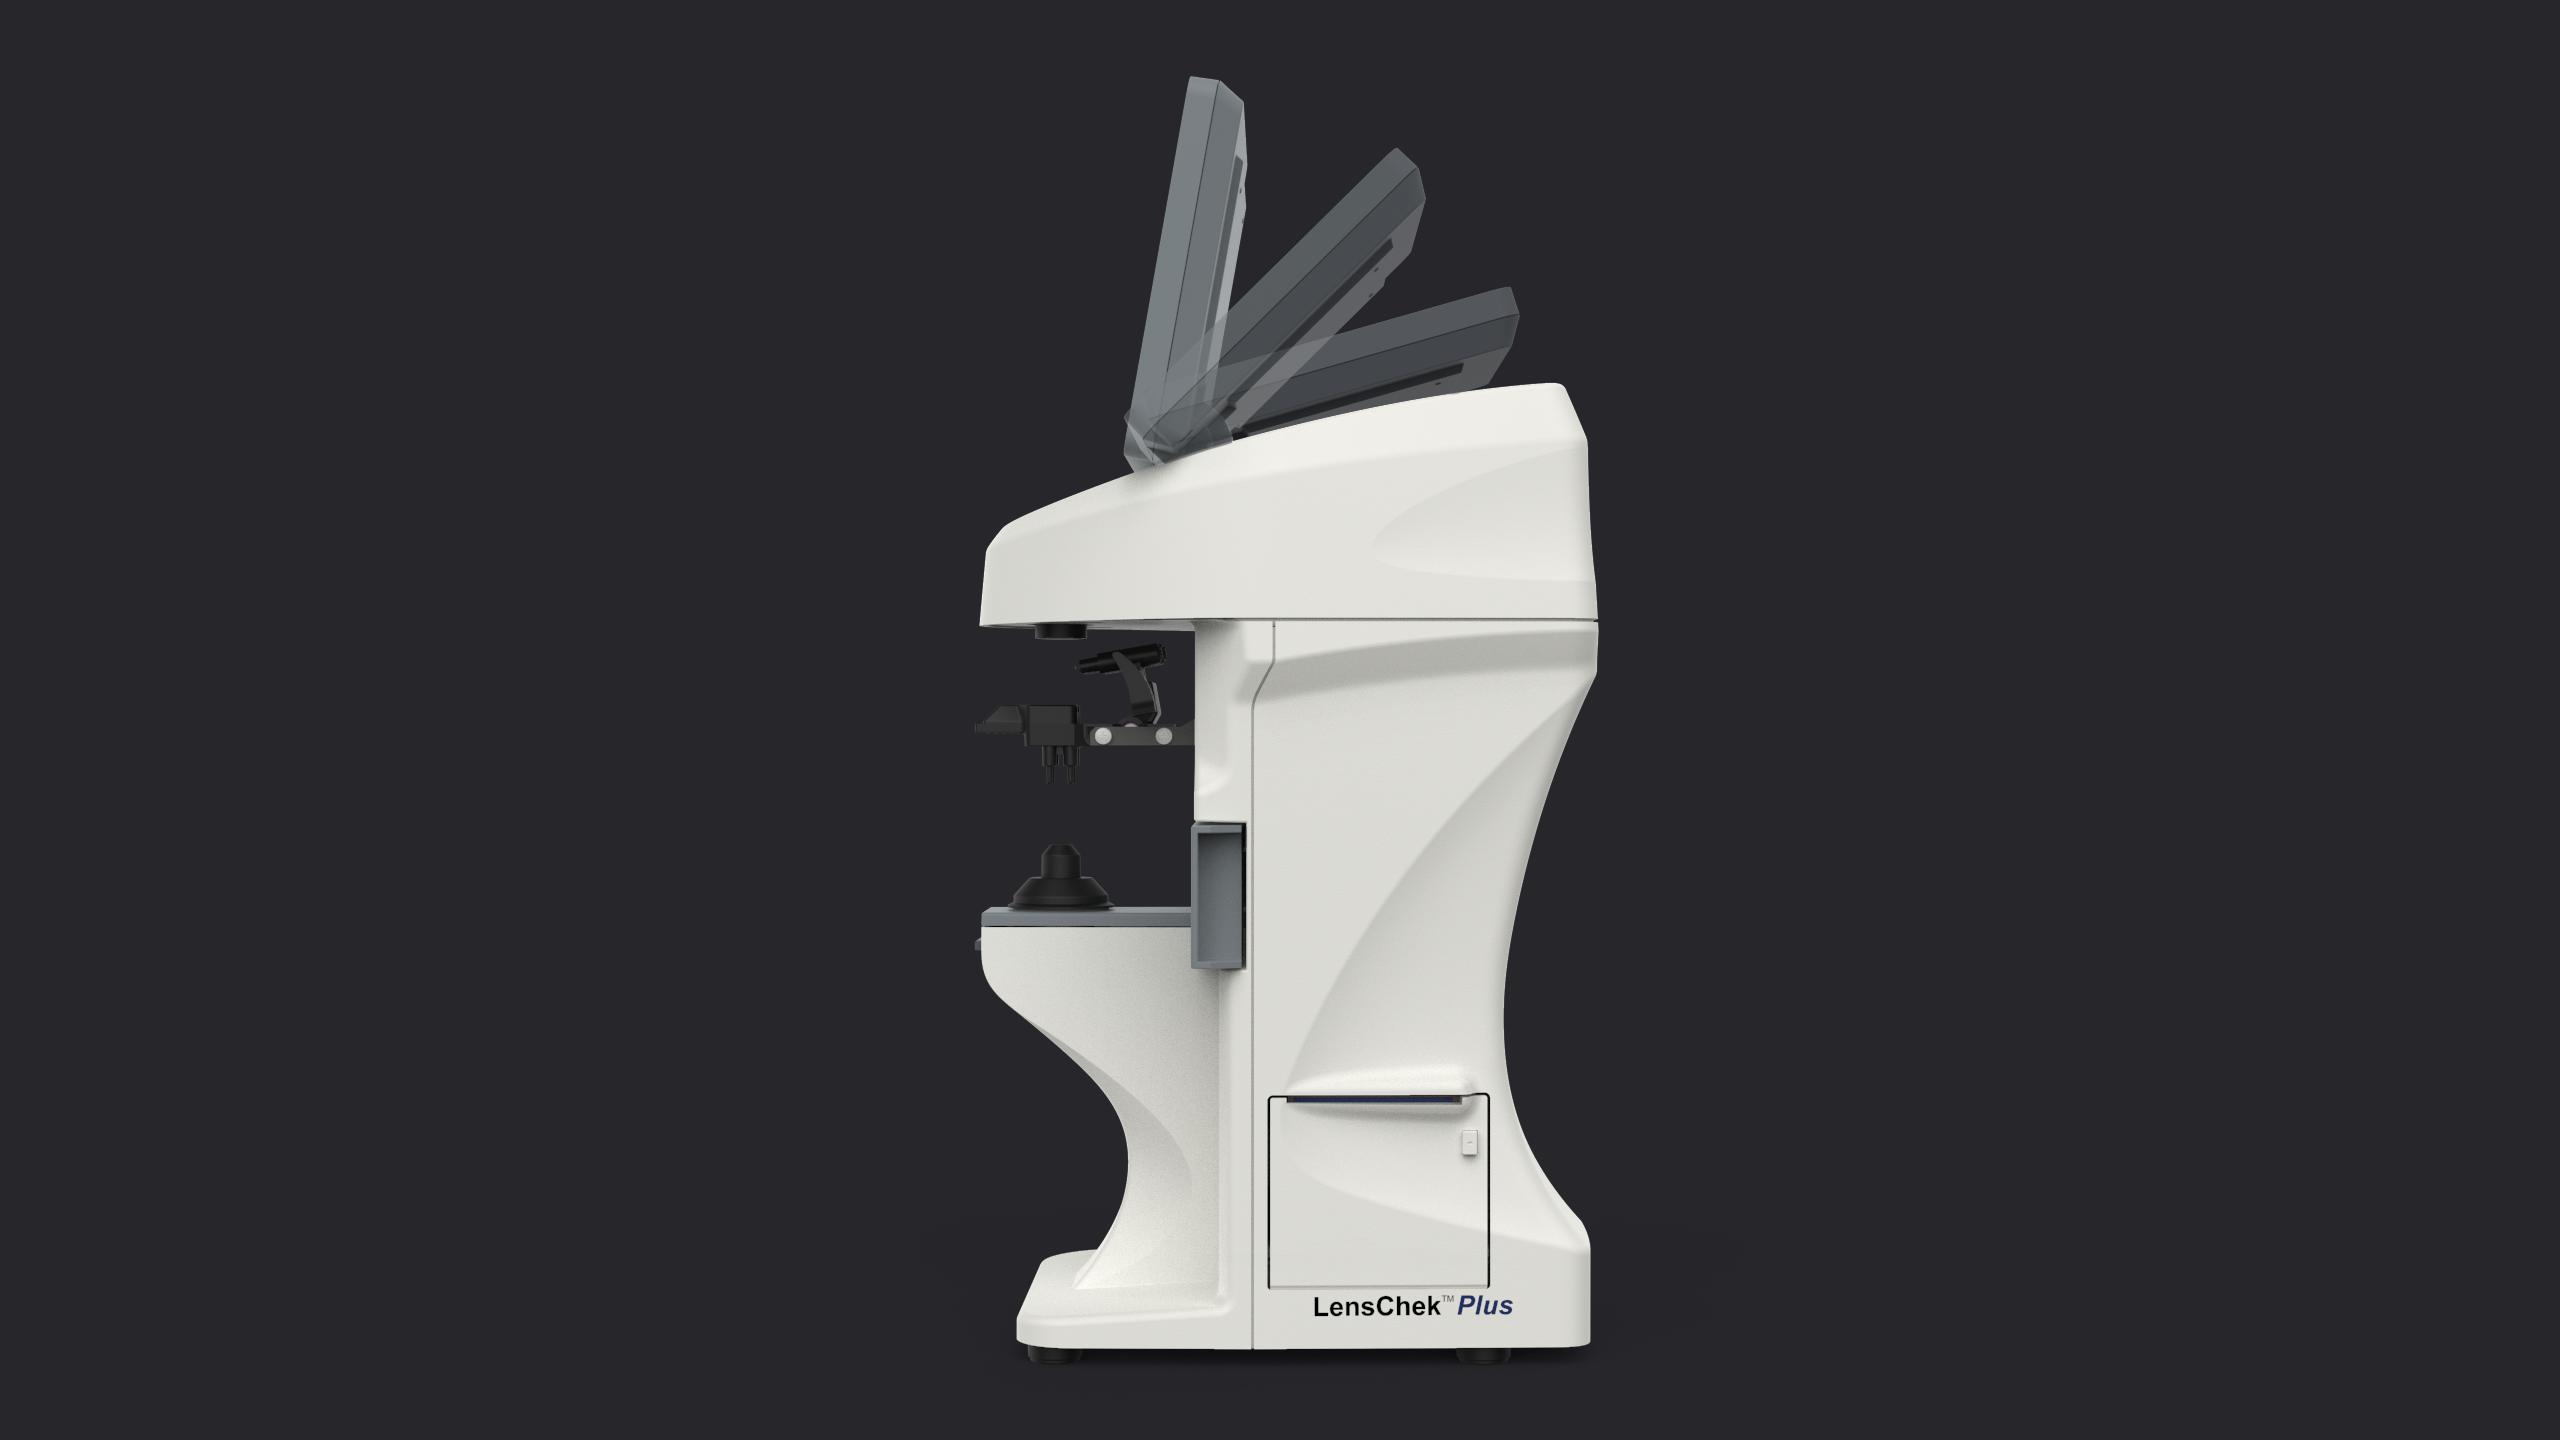 Design industriel du LensChek Plus - Digital Lensometer